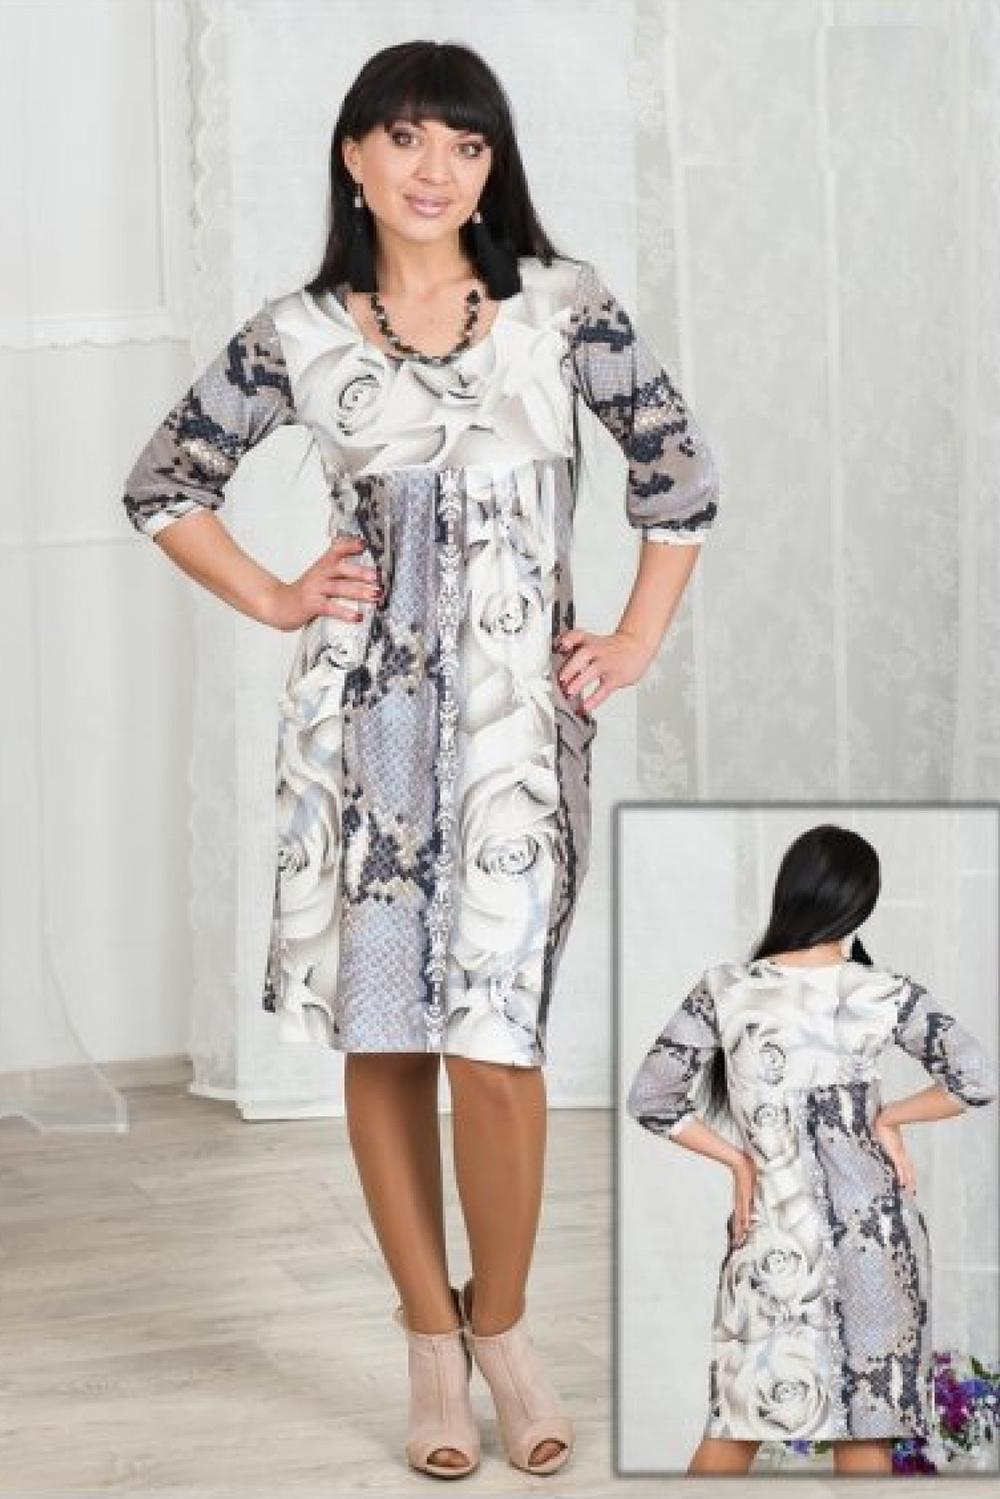 ПлатьеПлатья<br>Комфортное платье из вискозы со складками под грудью и глубокими карманами - хит продаж.  Длина около 90-95 см. в зависимости от размера  Цвет: белый, серый  Ростовка изделия 170 см.<br><br>Горловина: С- горловина<br>По длине: Ниже колена<br>По материалу: Вискоза<br>По рисунку: Рептилия,С принтом,Цветные,Растительные мотивы,Цветочные<br>По силуэту: Полуприталенные<br>По стилю: Повседневный стиль<br>По элементам: С карманами,Со складками<br>Рукав: Рукав три четверти<br>По сезону: Осень,Весна,Зима<br>По форме: Платье - футляр<br>Размер : 46,48,50<br>Материал: Вискоза<br>Количество в наличии: 7